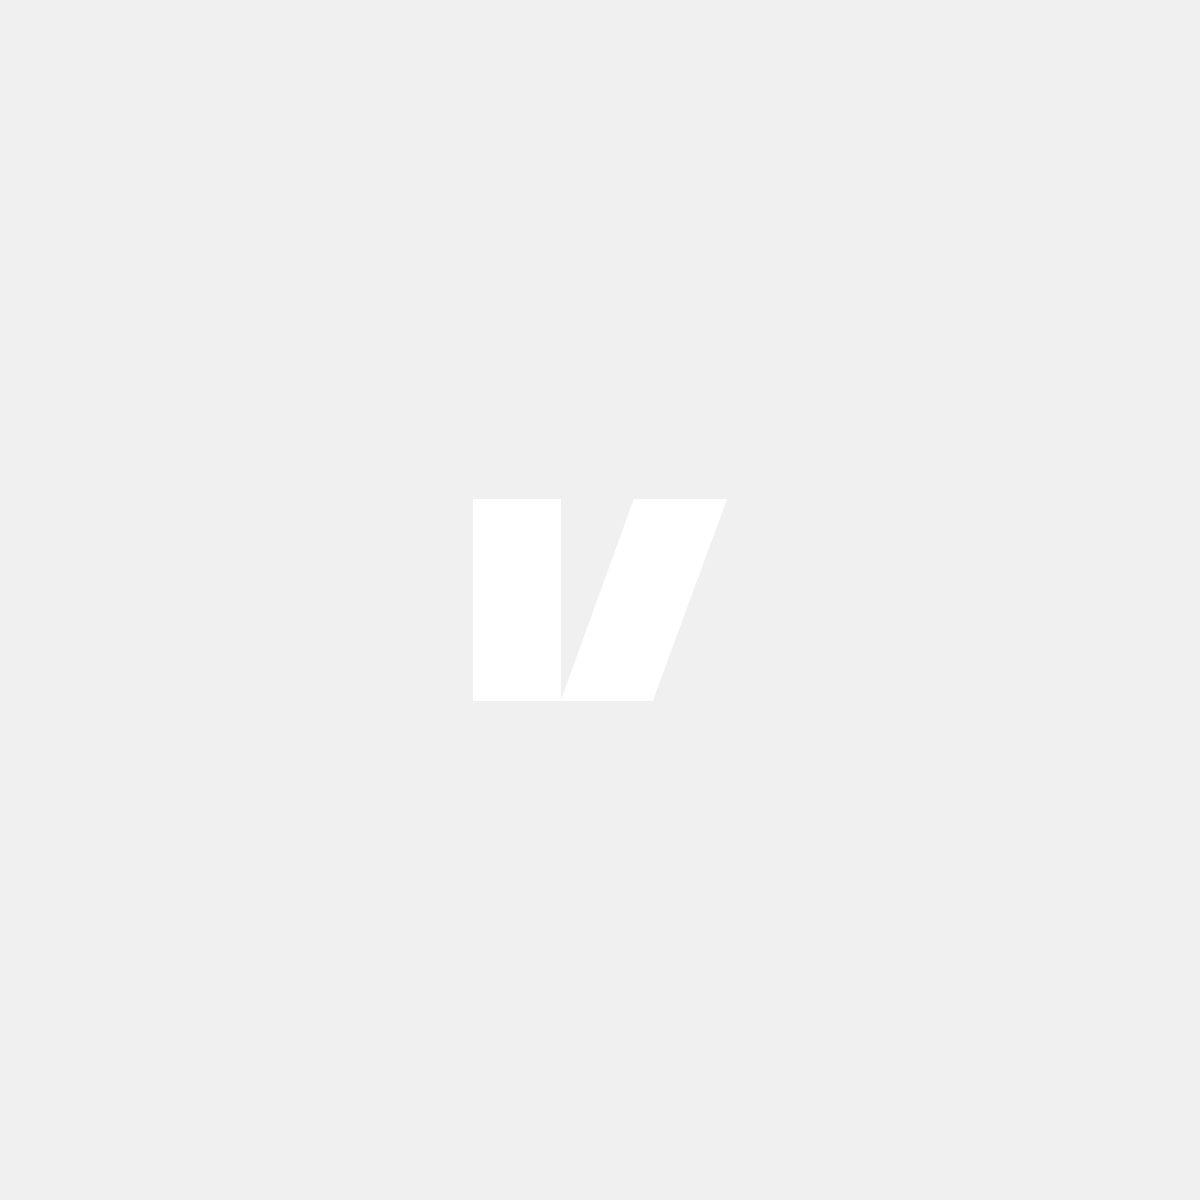 Iridium Vinge till Volvo 855 92-97, V70 97-00